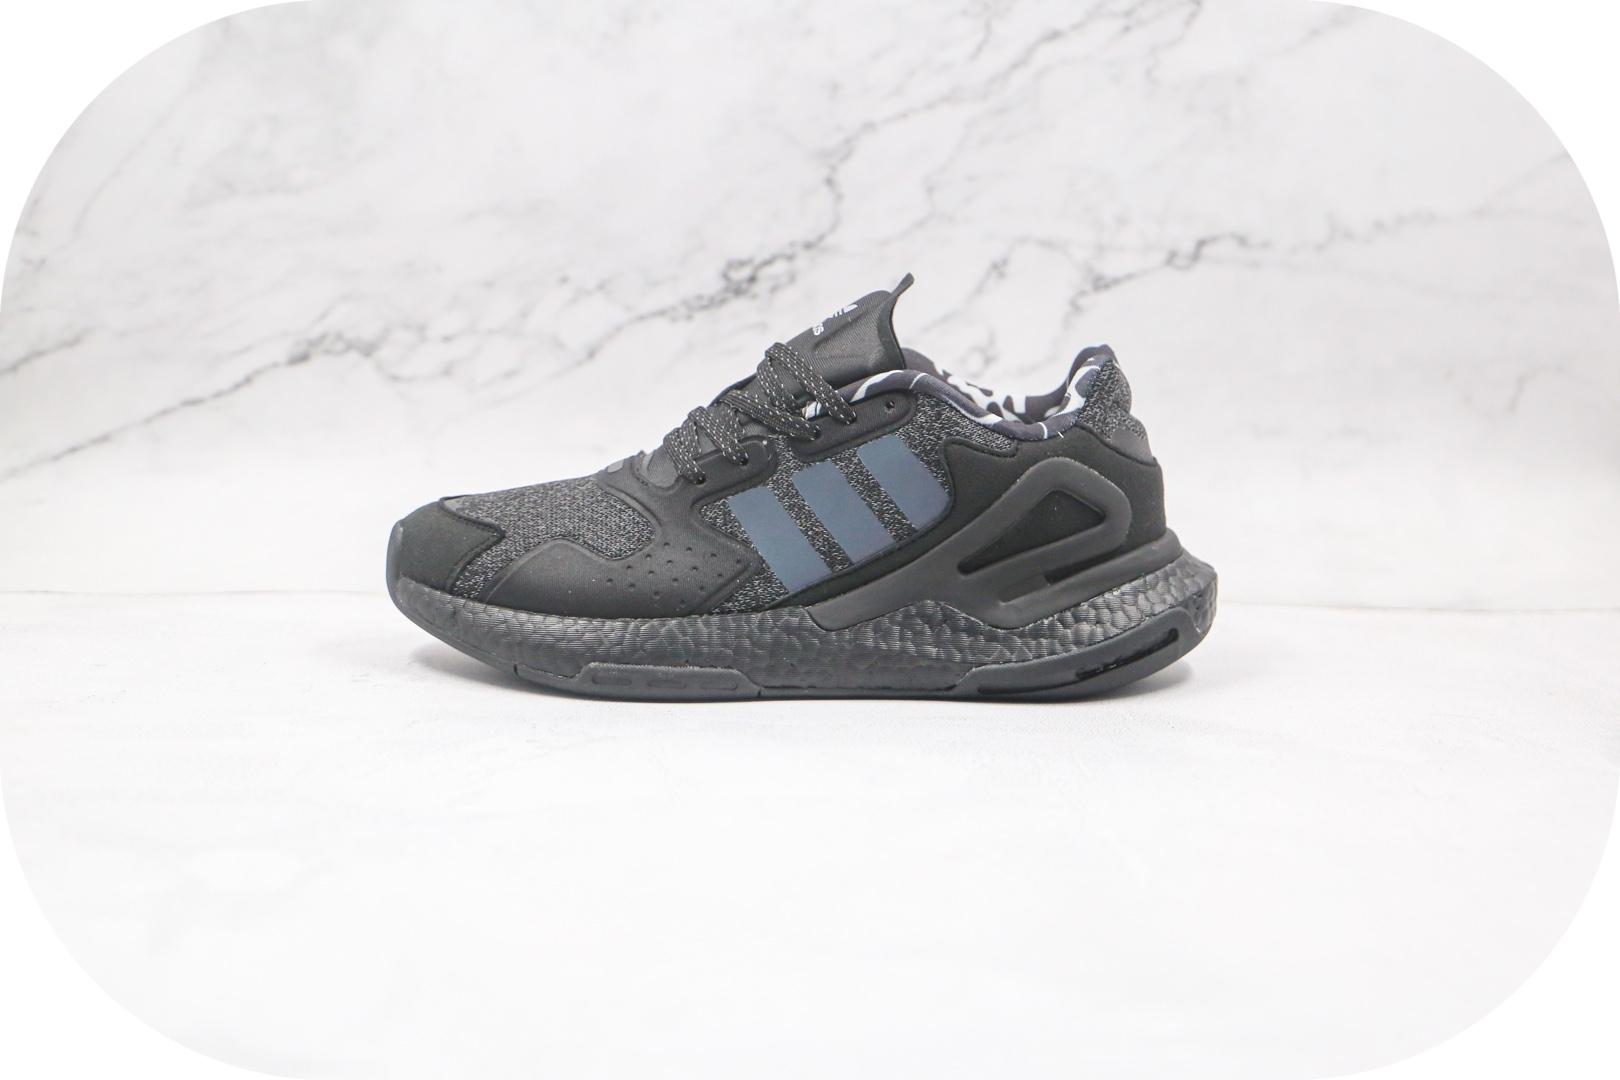 阿迪达斯Adidas Originals 2020 Day Jogger Boost 2020纯原版本三叶草夜行者二代黑满天星爆米花跑鞋原盒原标 货号:FW4830